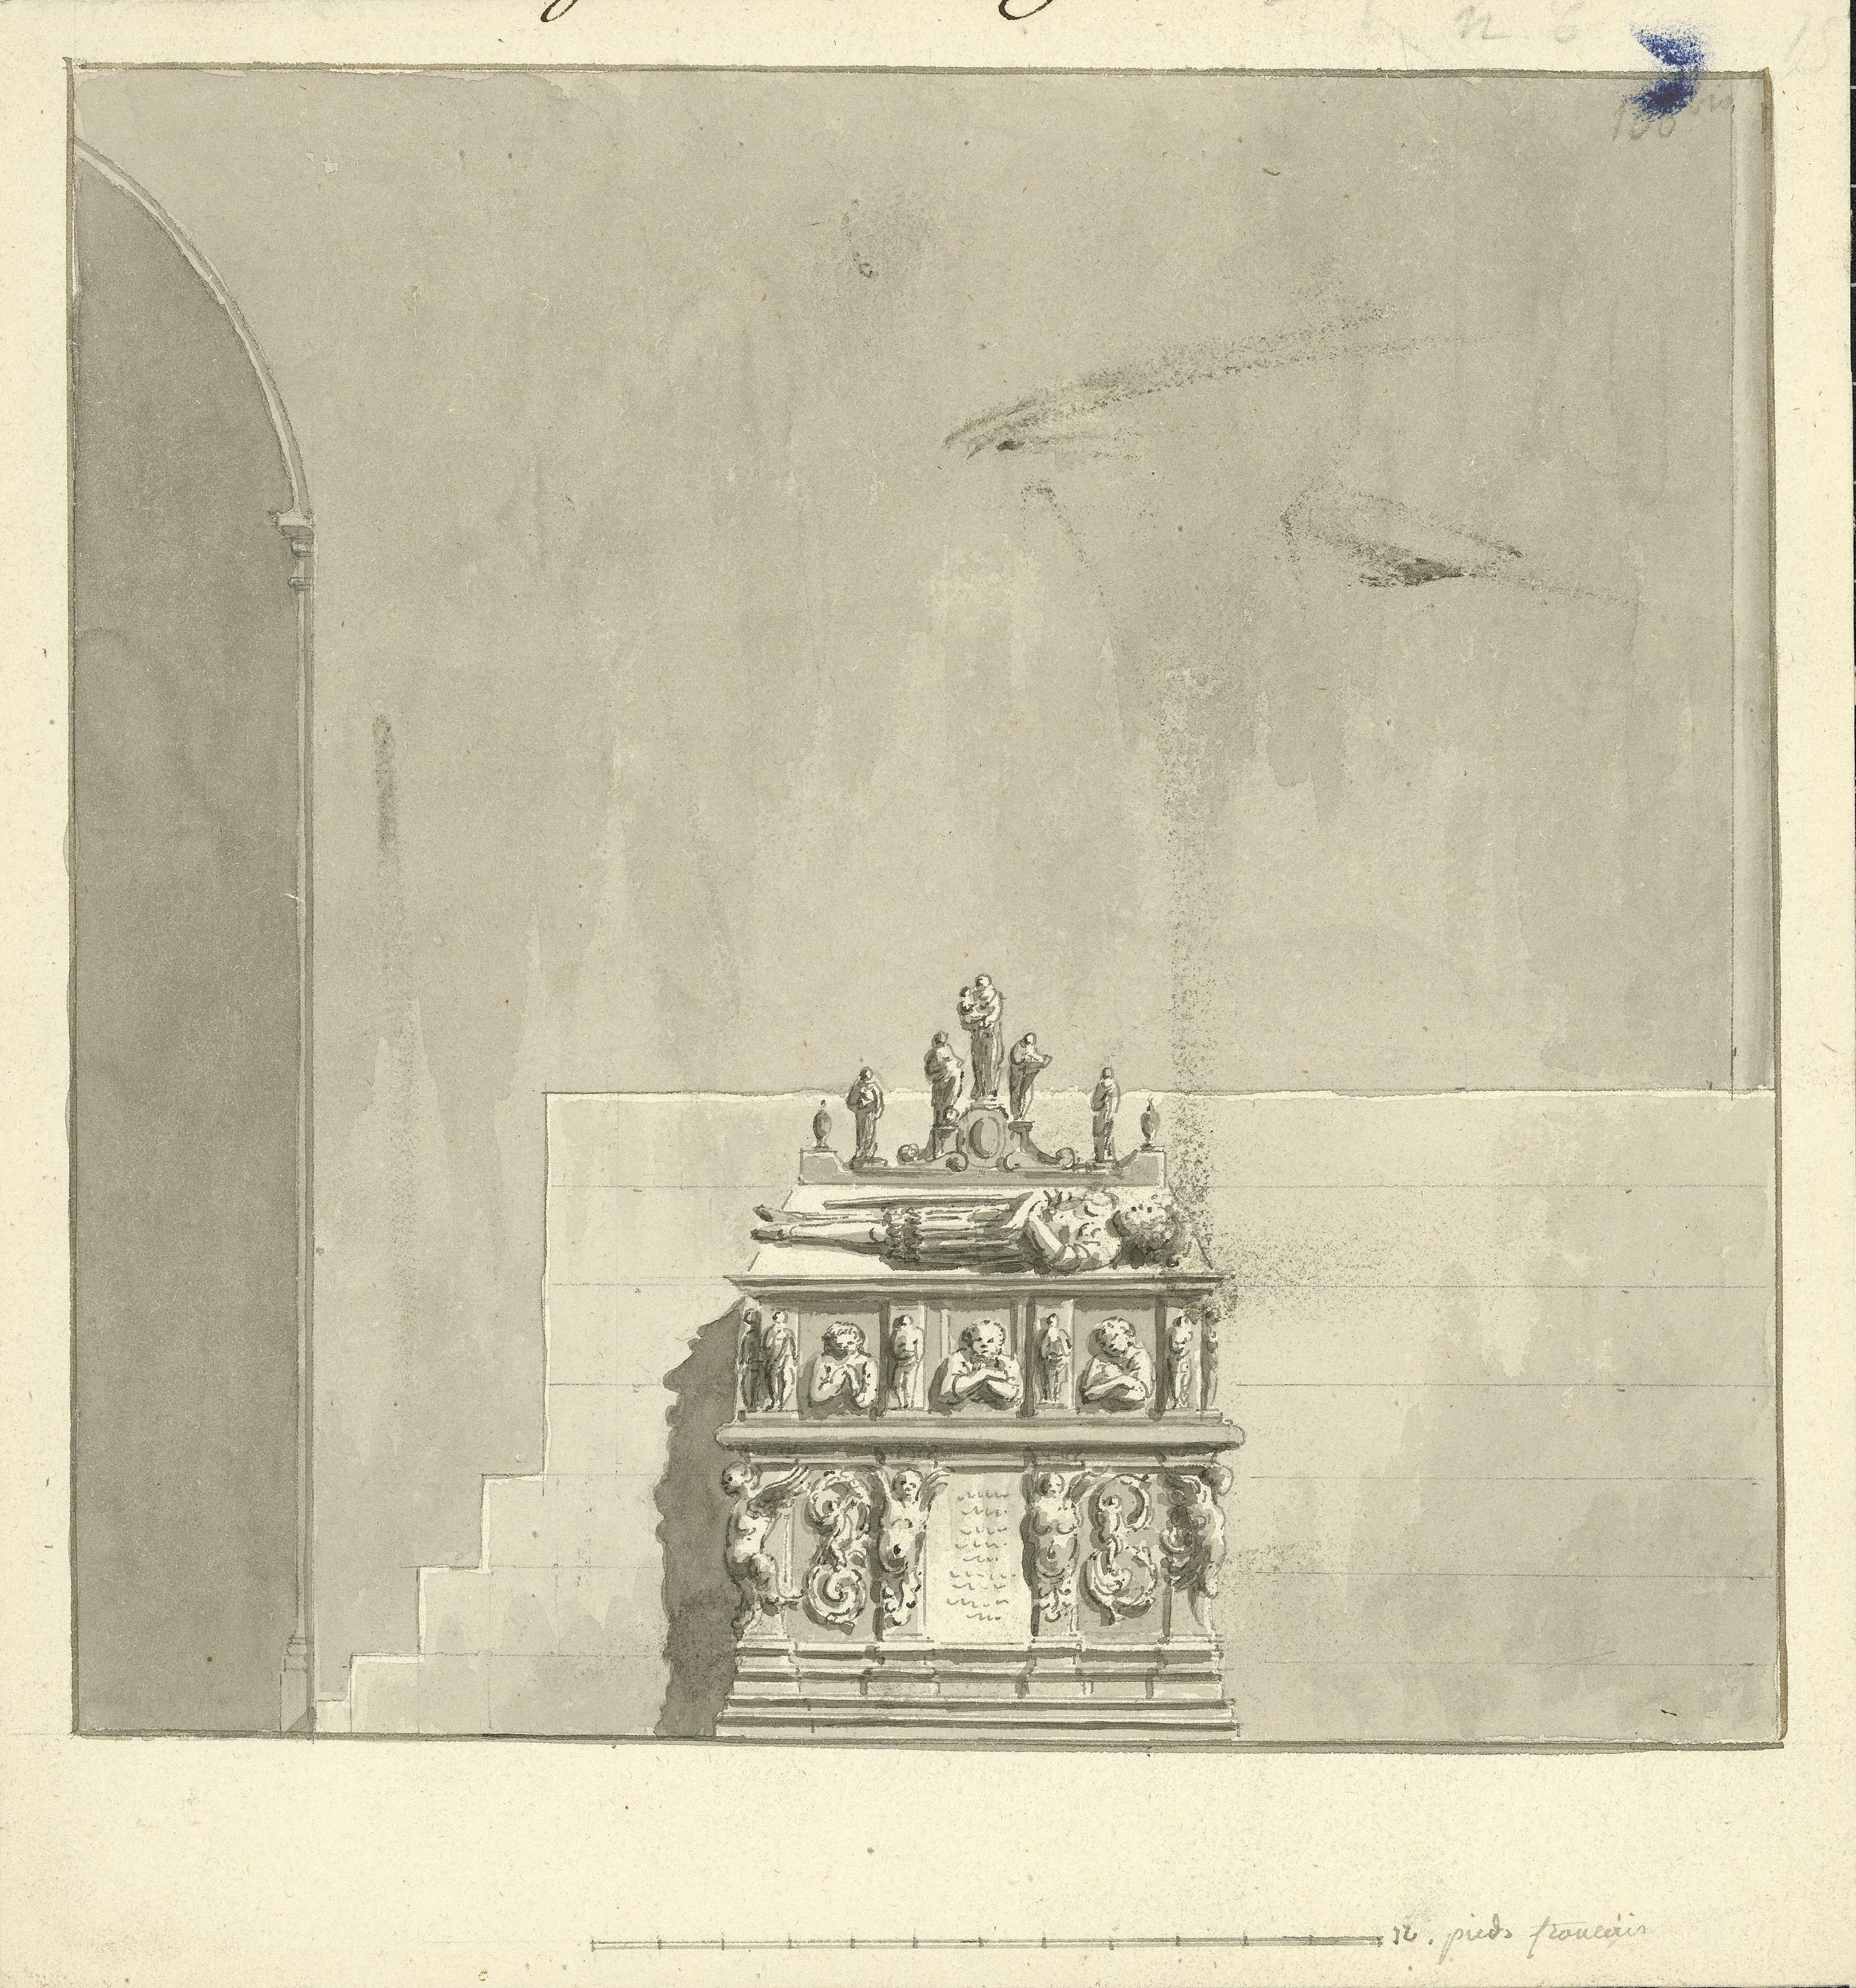 Anònim - Vista del segon sepulcre del «prohom vinculador», Ramon Folch VI de Cardona, a l'església del Monestir de Poblet - Cap a 1801-1803